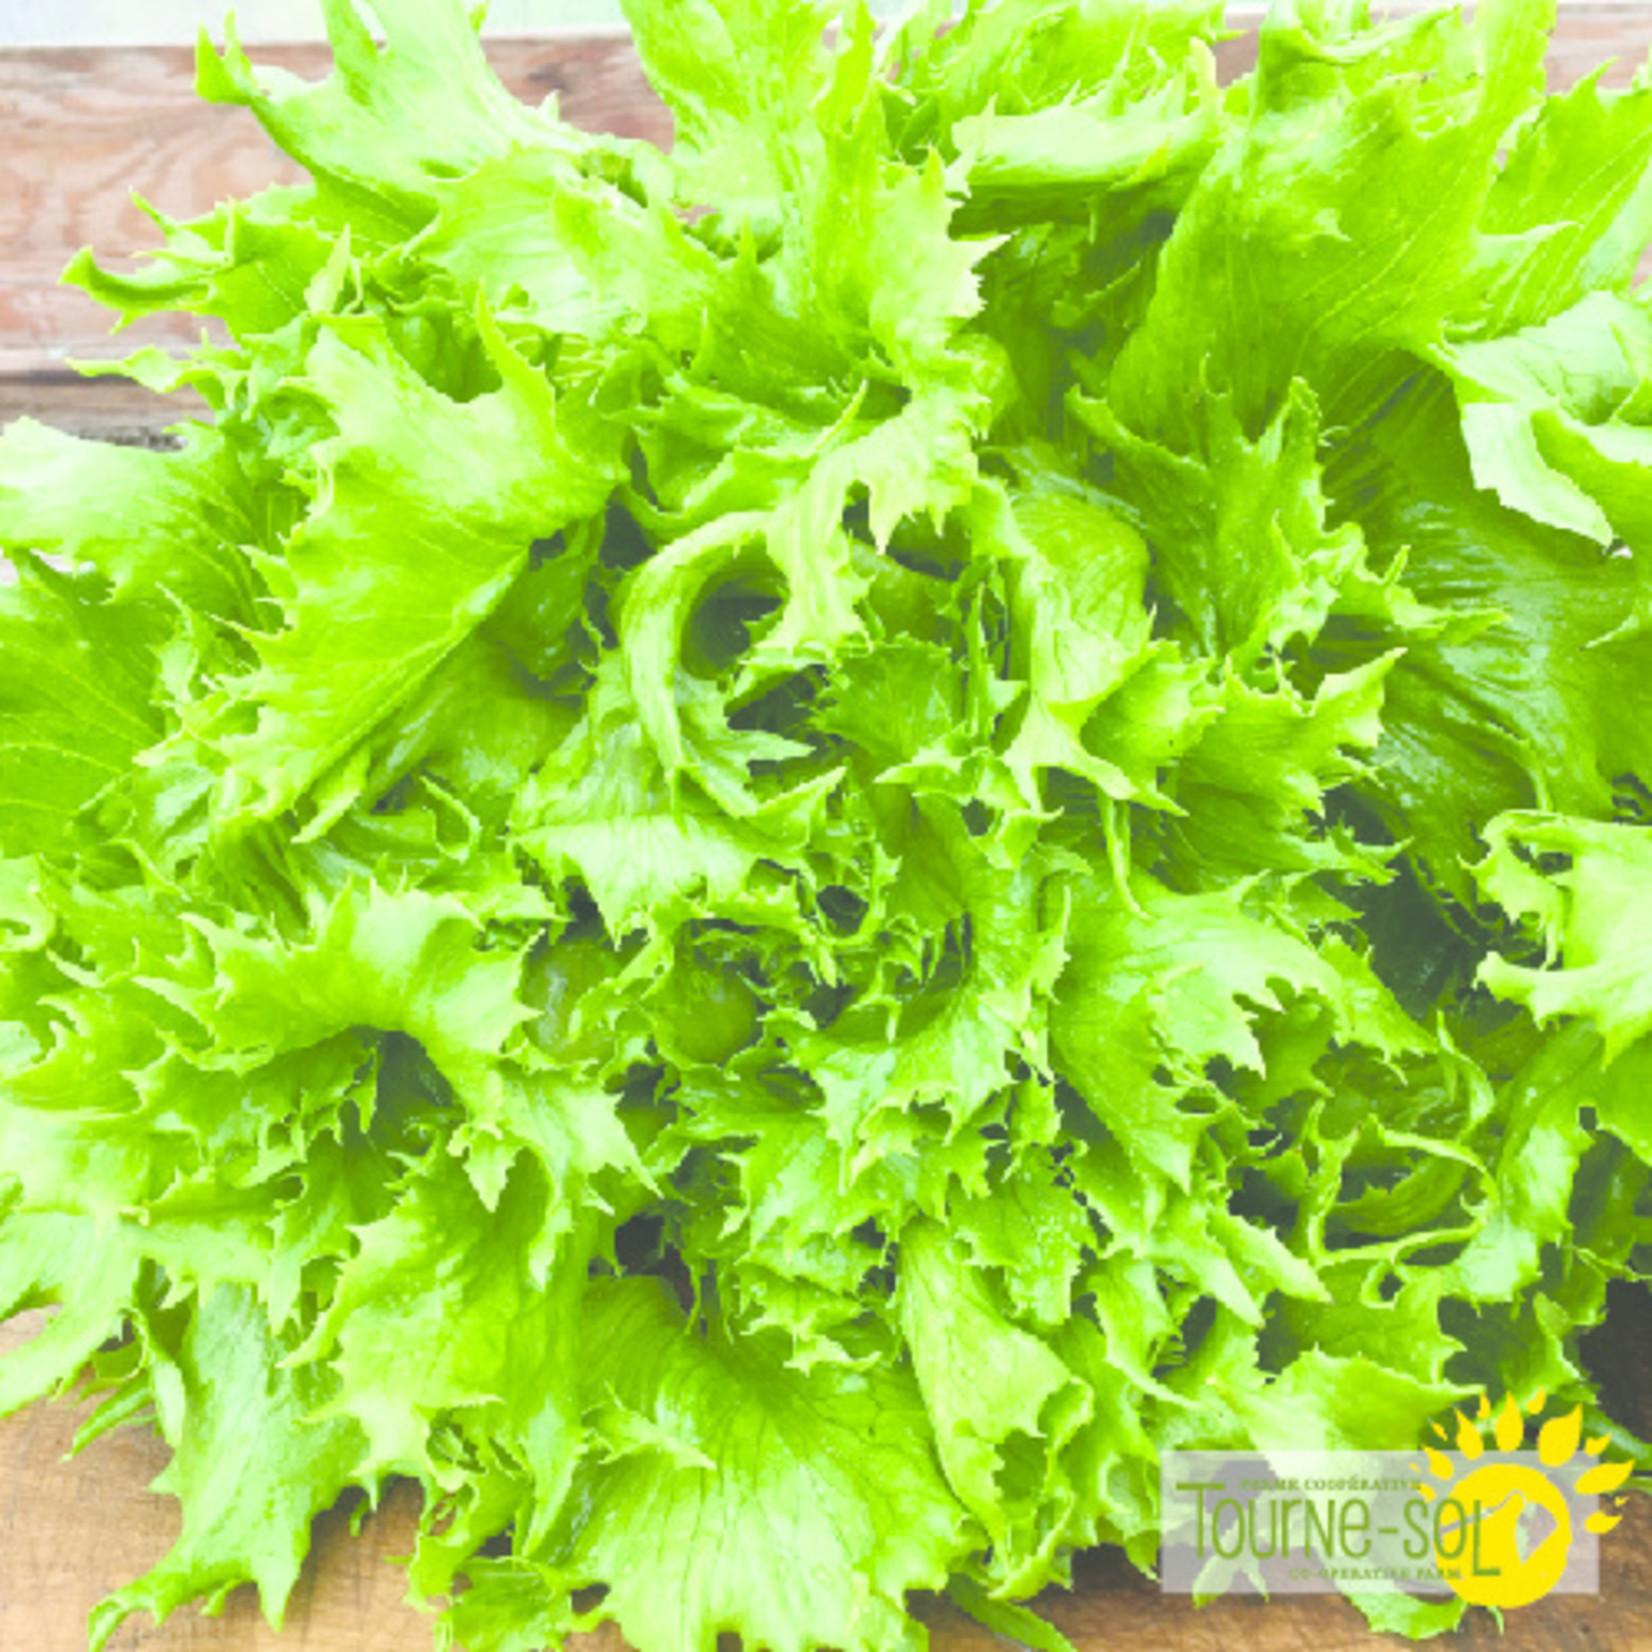 Tourne-Sol LaReine Des Glaces lettuce